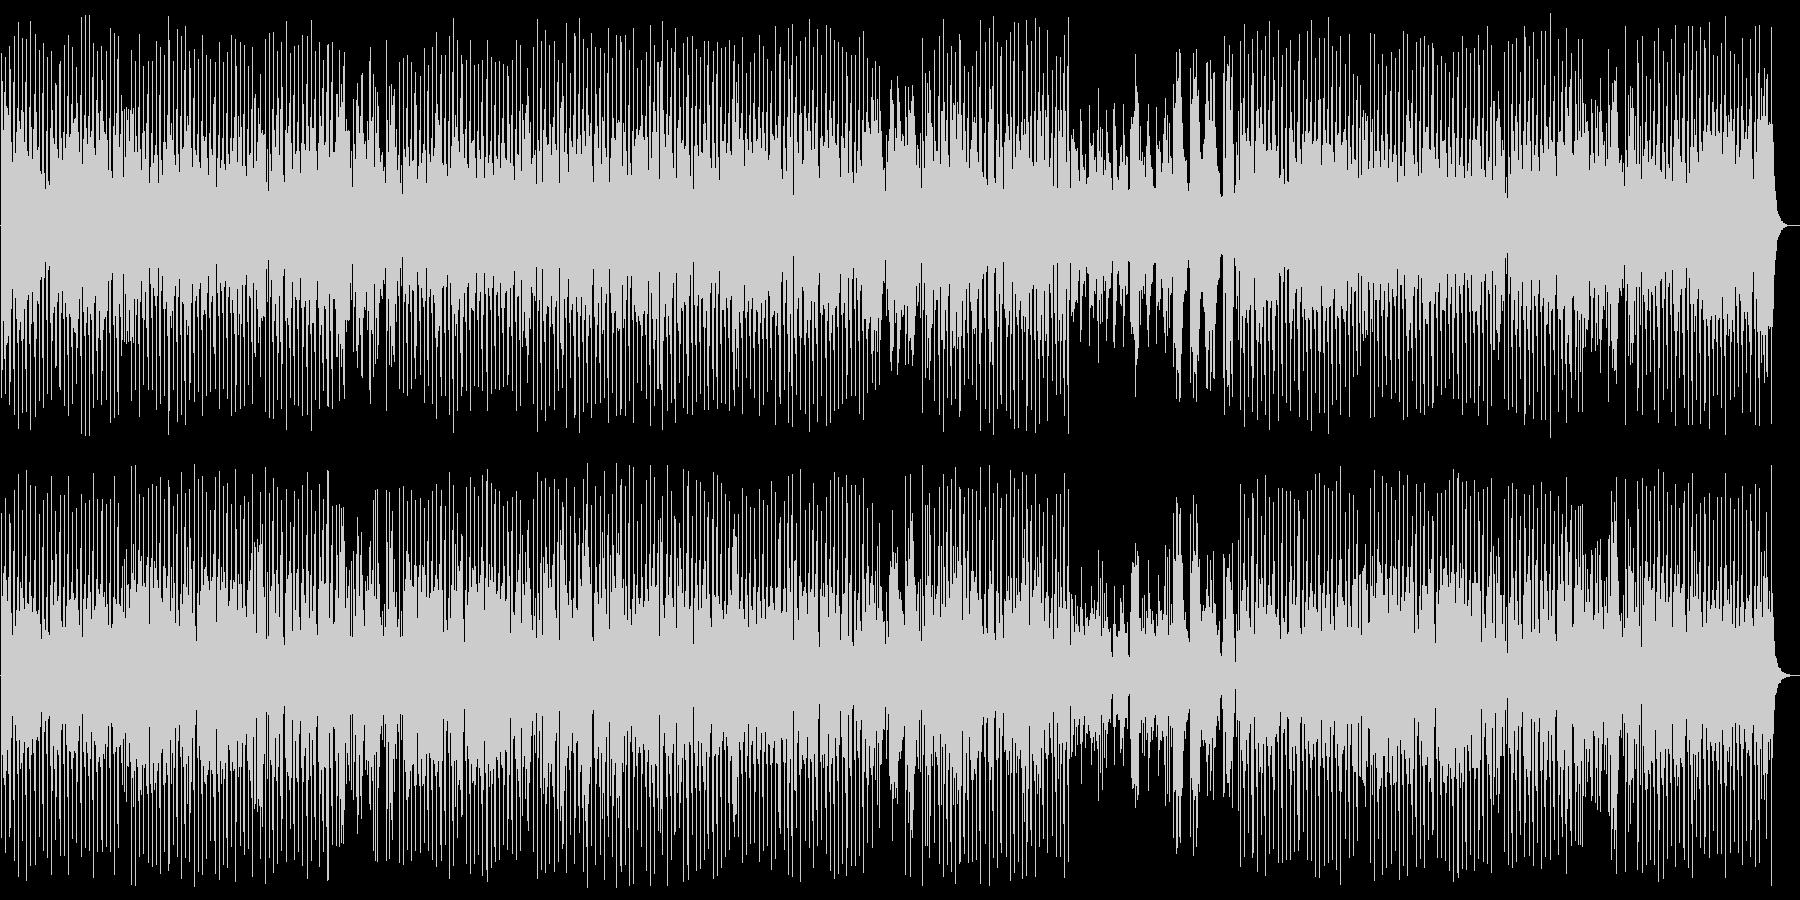 明るくワクワク感のシンセピアノサウンドの未再生の波形